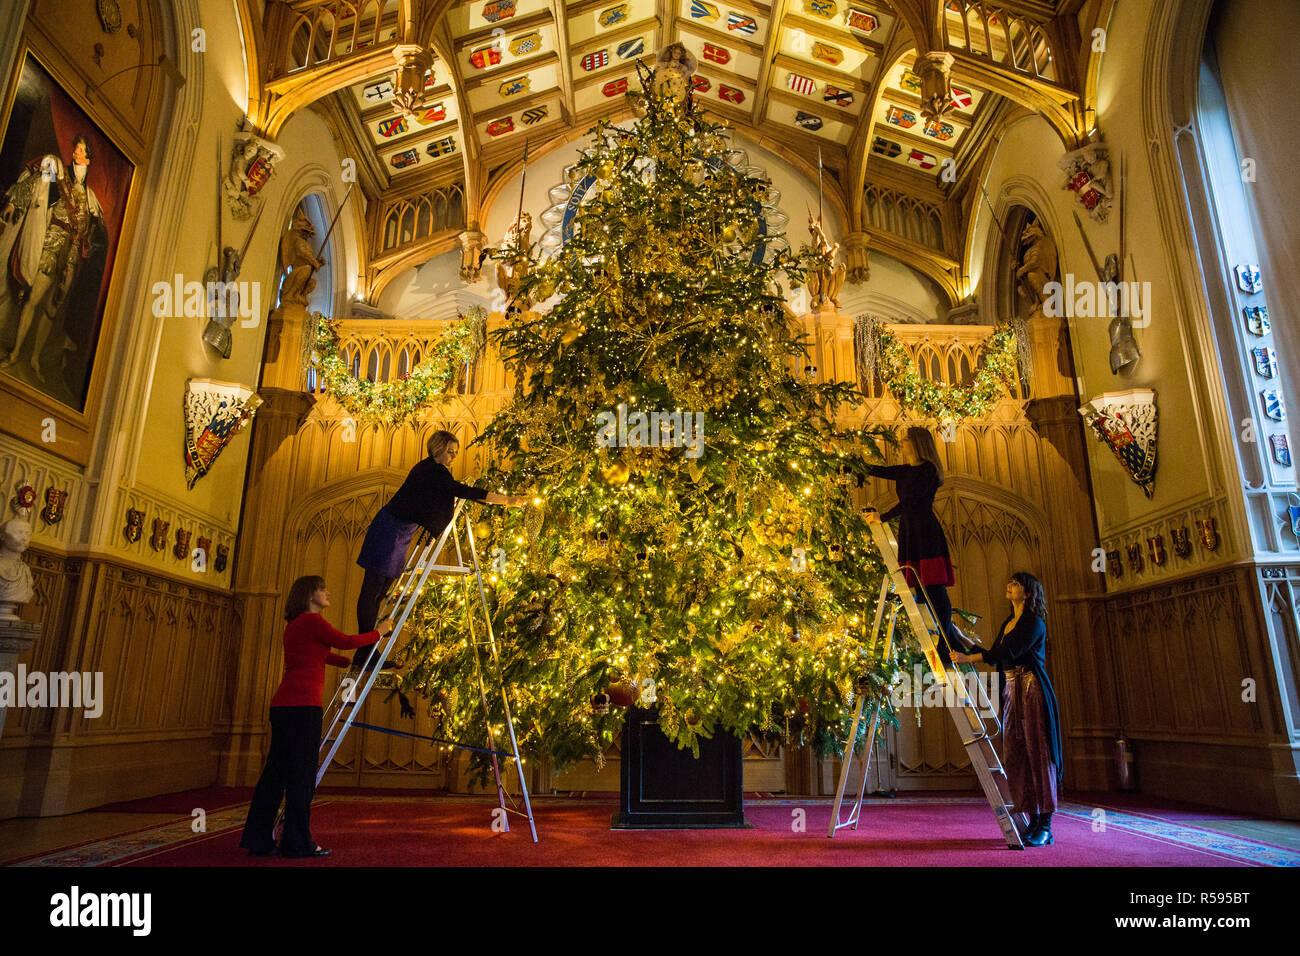 Windsor, Reino Unido. El 30 de noviembre de 2018. Los Apartamentos de Estado en el Castillo de Windsor han sido decorados con brillantes árboles de Navidad y luces parpadeantes para Navidad. Visto aquí en el magnífico St George's Hall un sorprendente 20ft Nordmann abeto del Parque Windsor Great vestido con adornos de oro. Un árbol de Navidad de 15 pies también aparece en la sala de dibujo de color carmesí. Crédito: Mark Kerrison/Alamy Live News Imagen De Stock